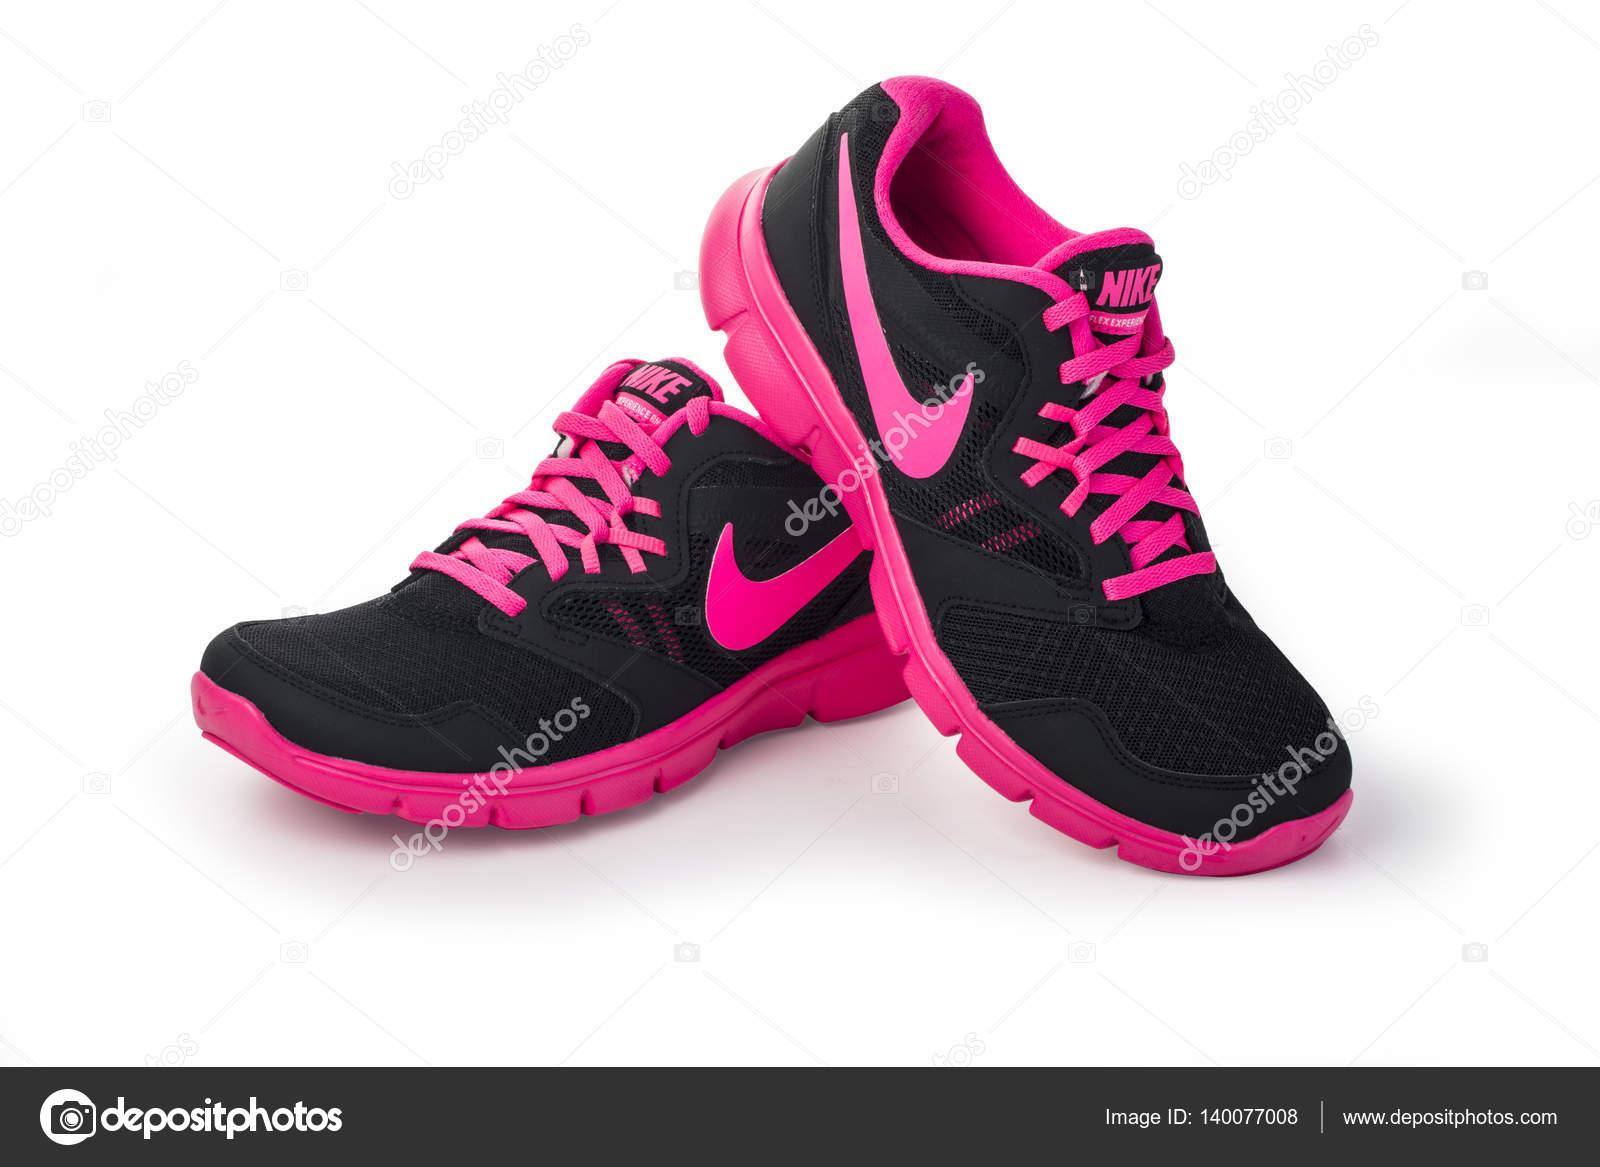 Femme Nike chaussures de course femme — Photo éditoriale